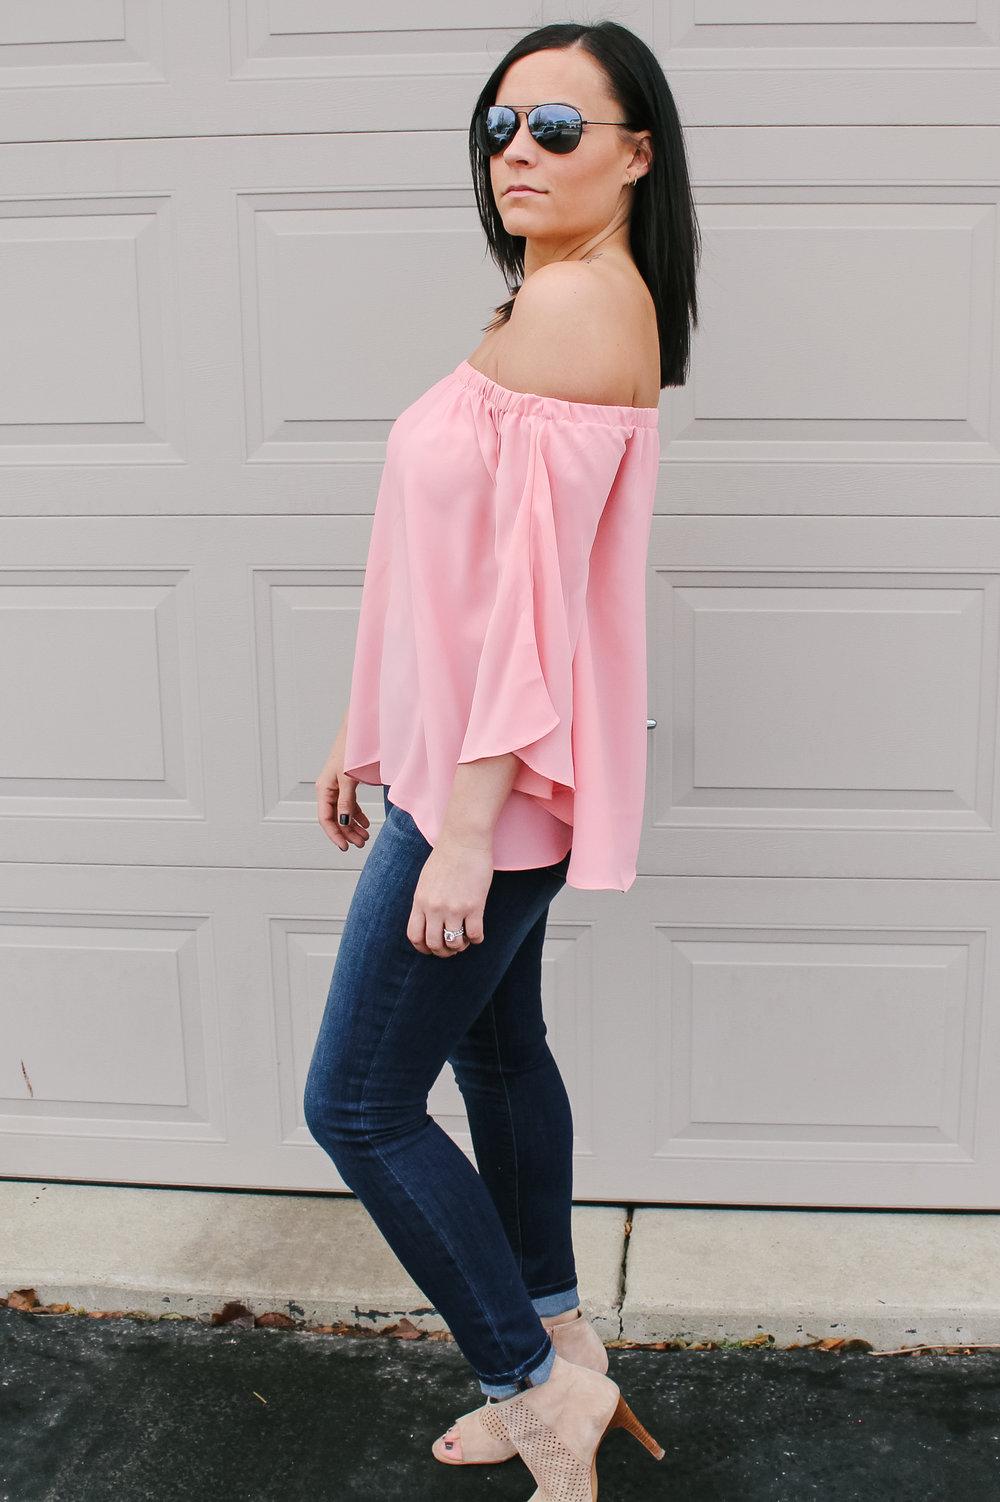 Laura Swan Sieckman Pink Top